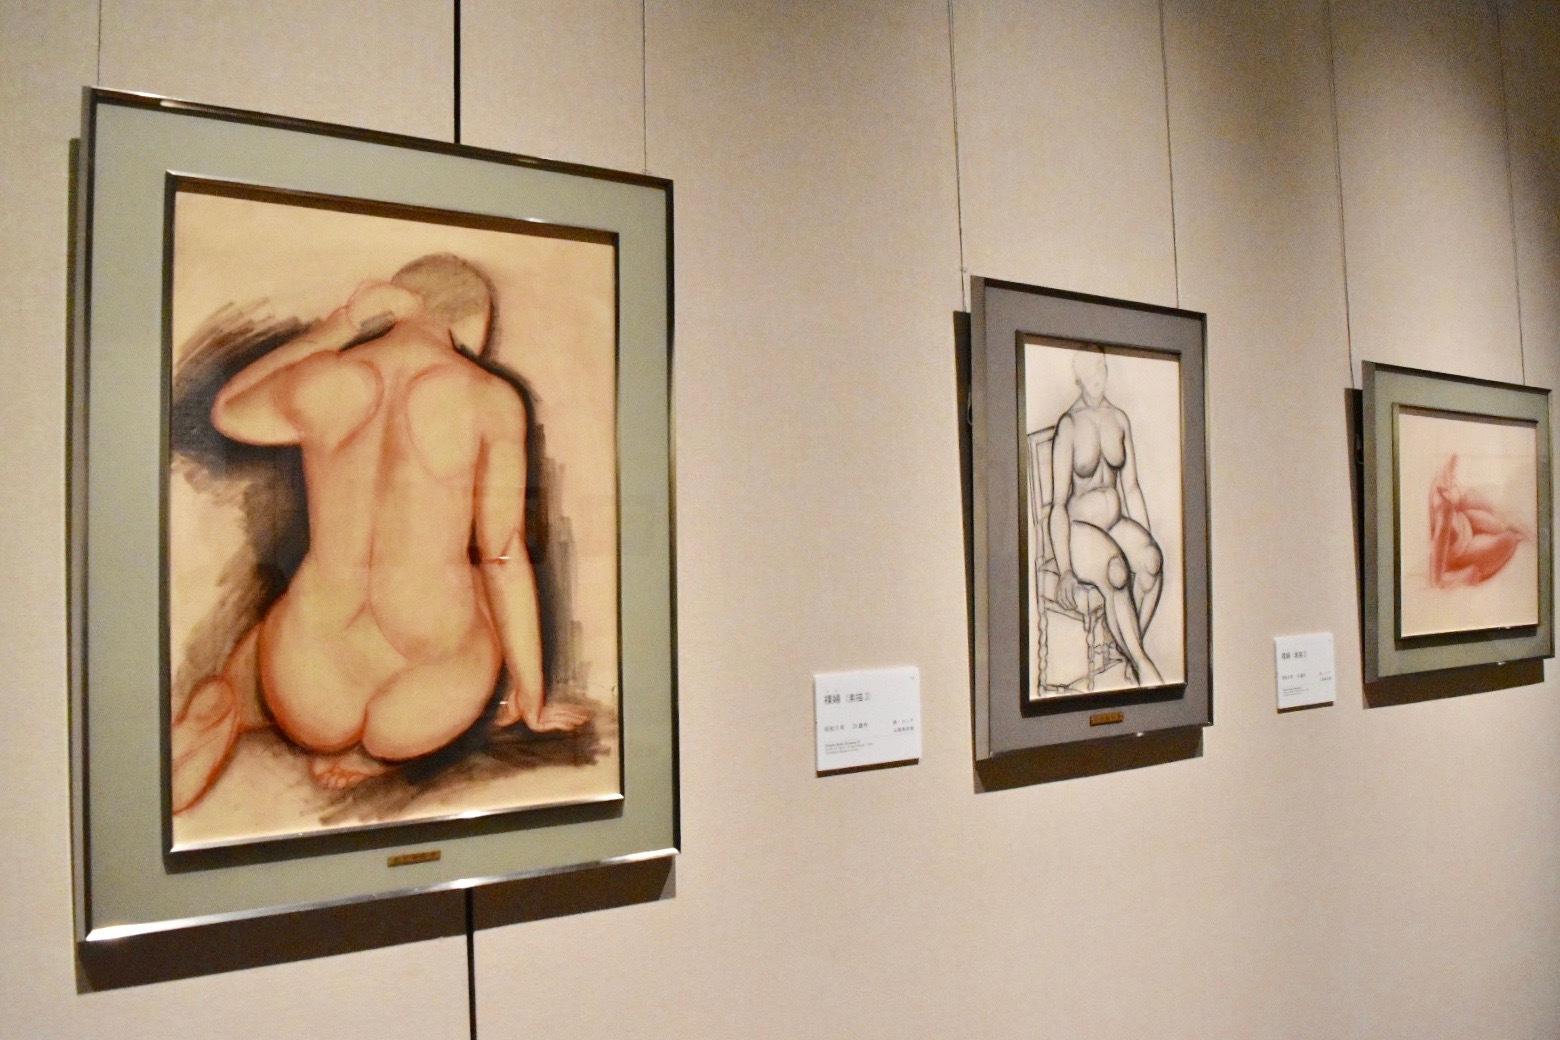 左:速水御舟 《裸婦(素描1)》 昭和8年 山種美術館蔵、中央:速水御舟 《裸婦(素描3)》 昭和8年 山種美術館蔵 右奥:速水御舟 《裸婦(素描2)》 昭和8年 山種美術館蔵